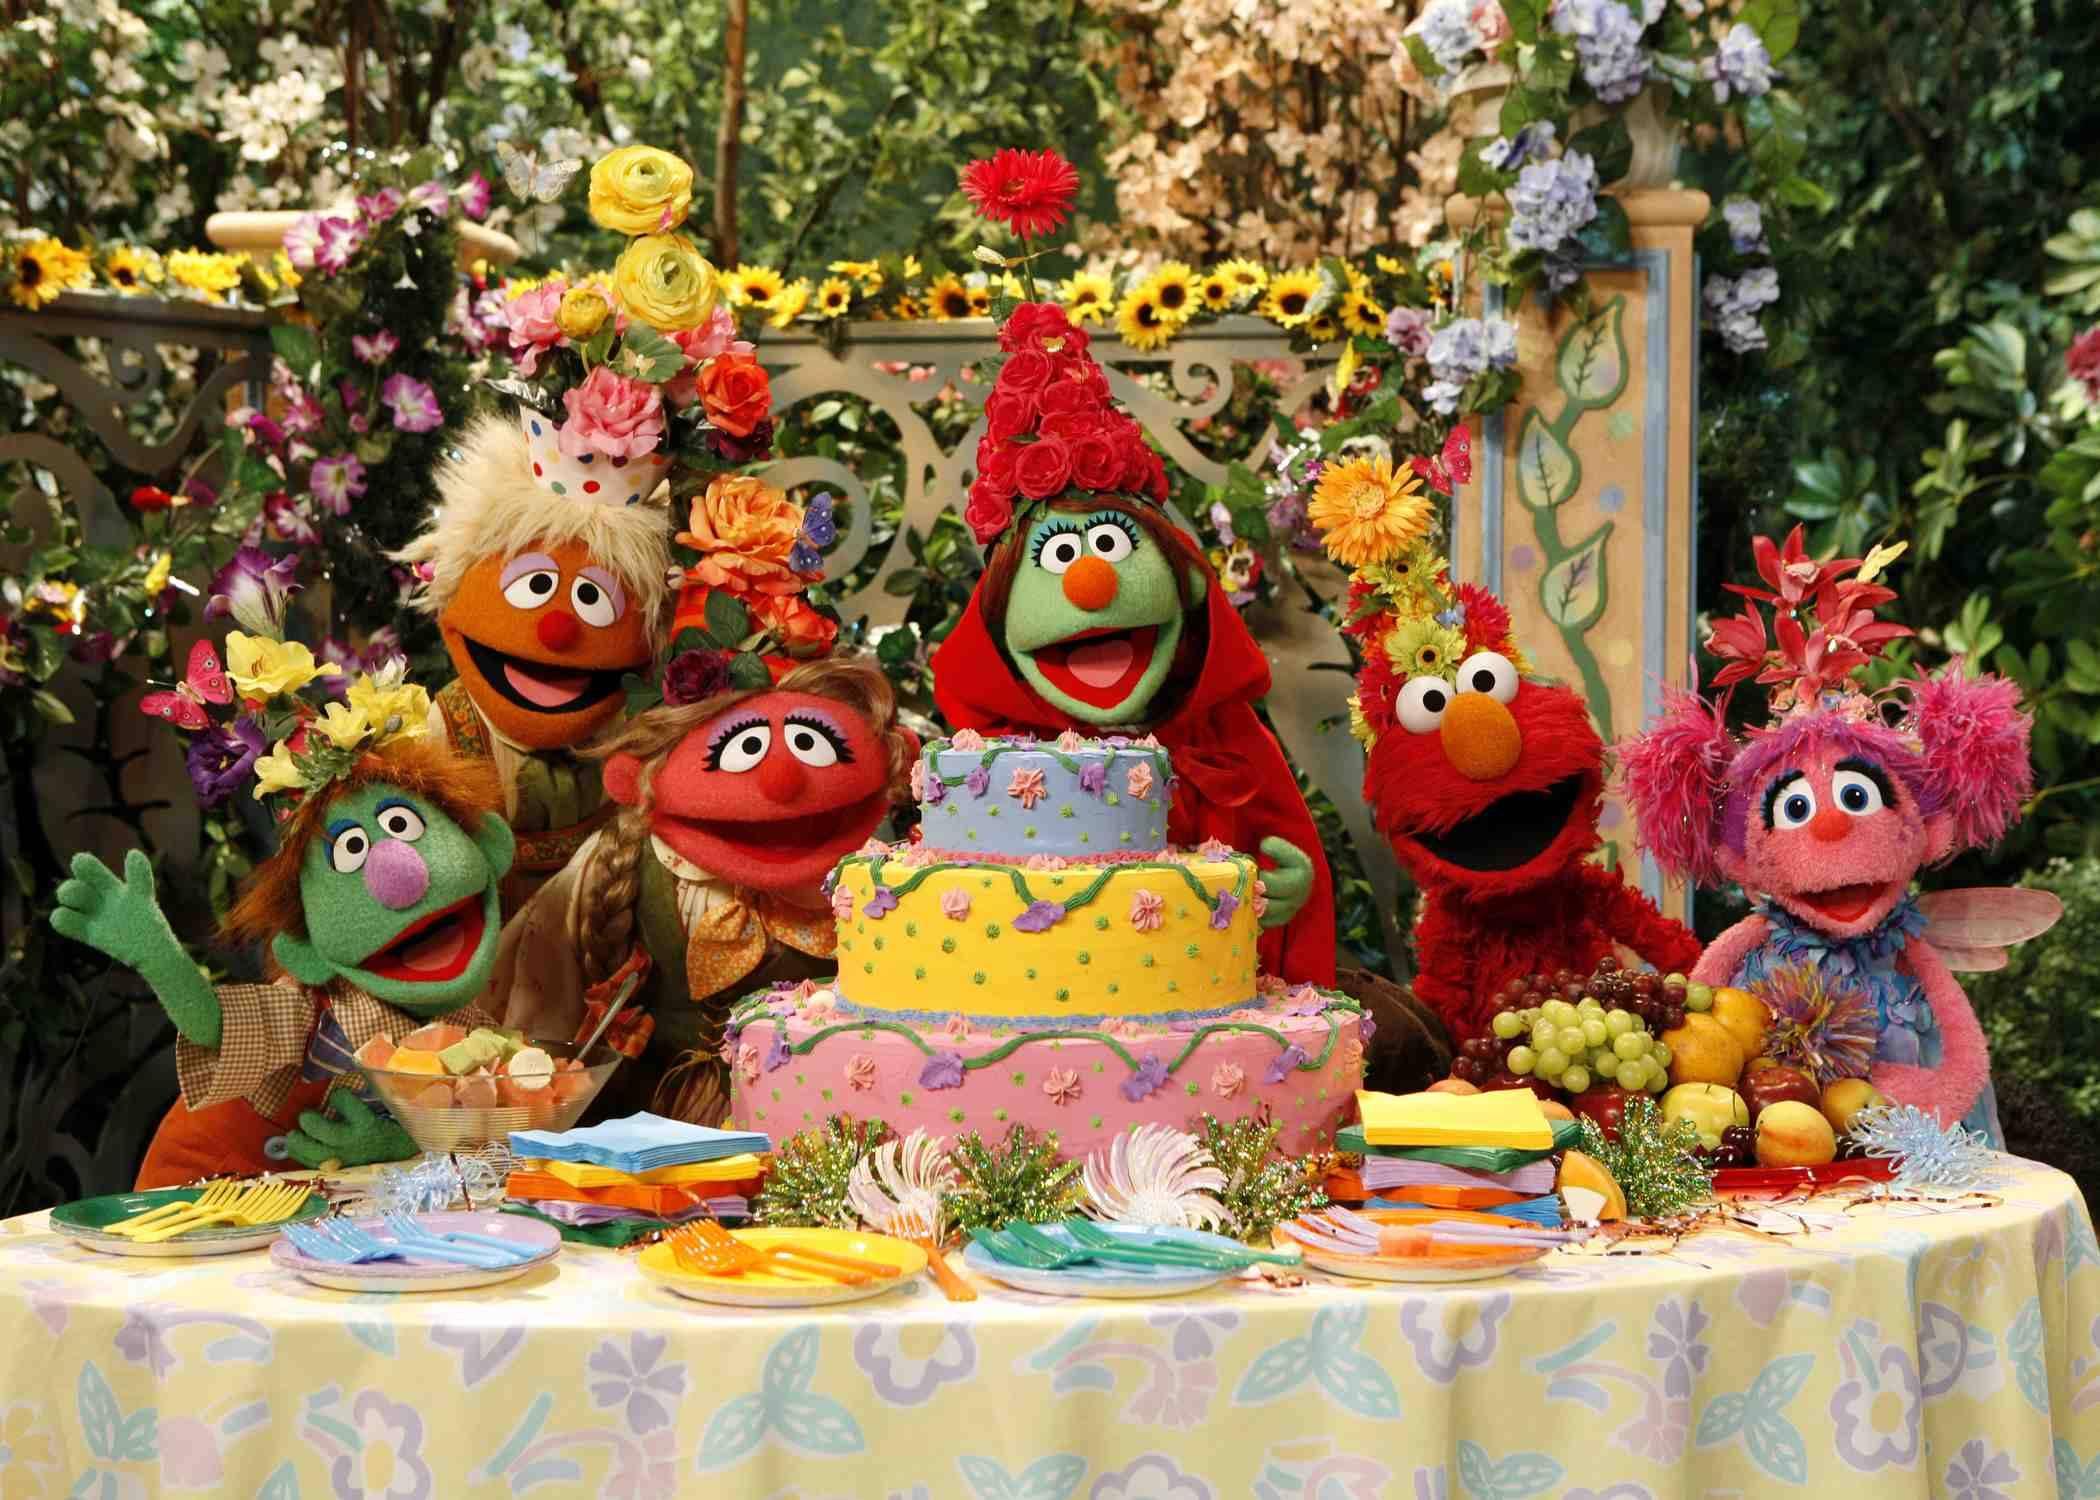 Little Red Riding Hood Muppet Wiki